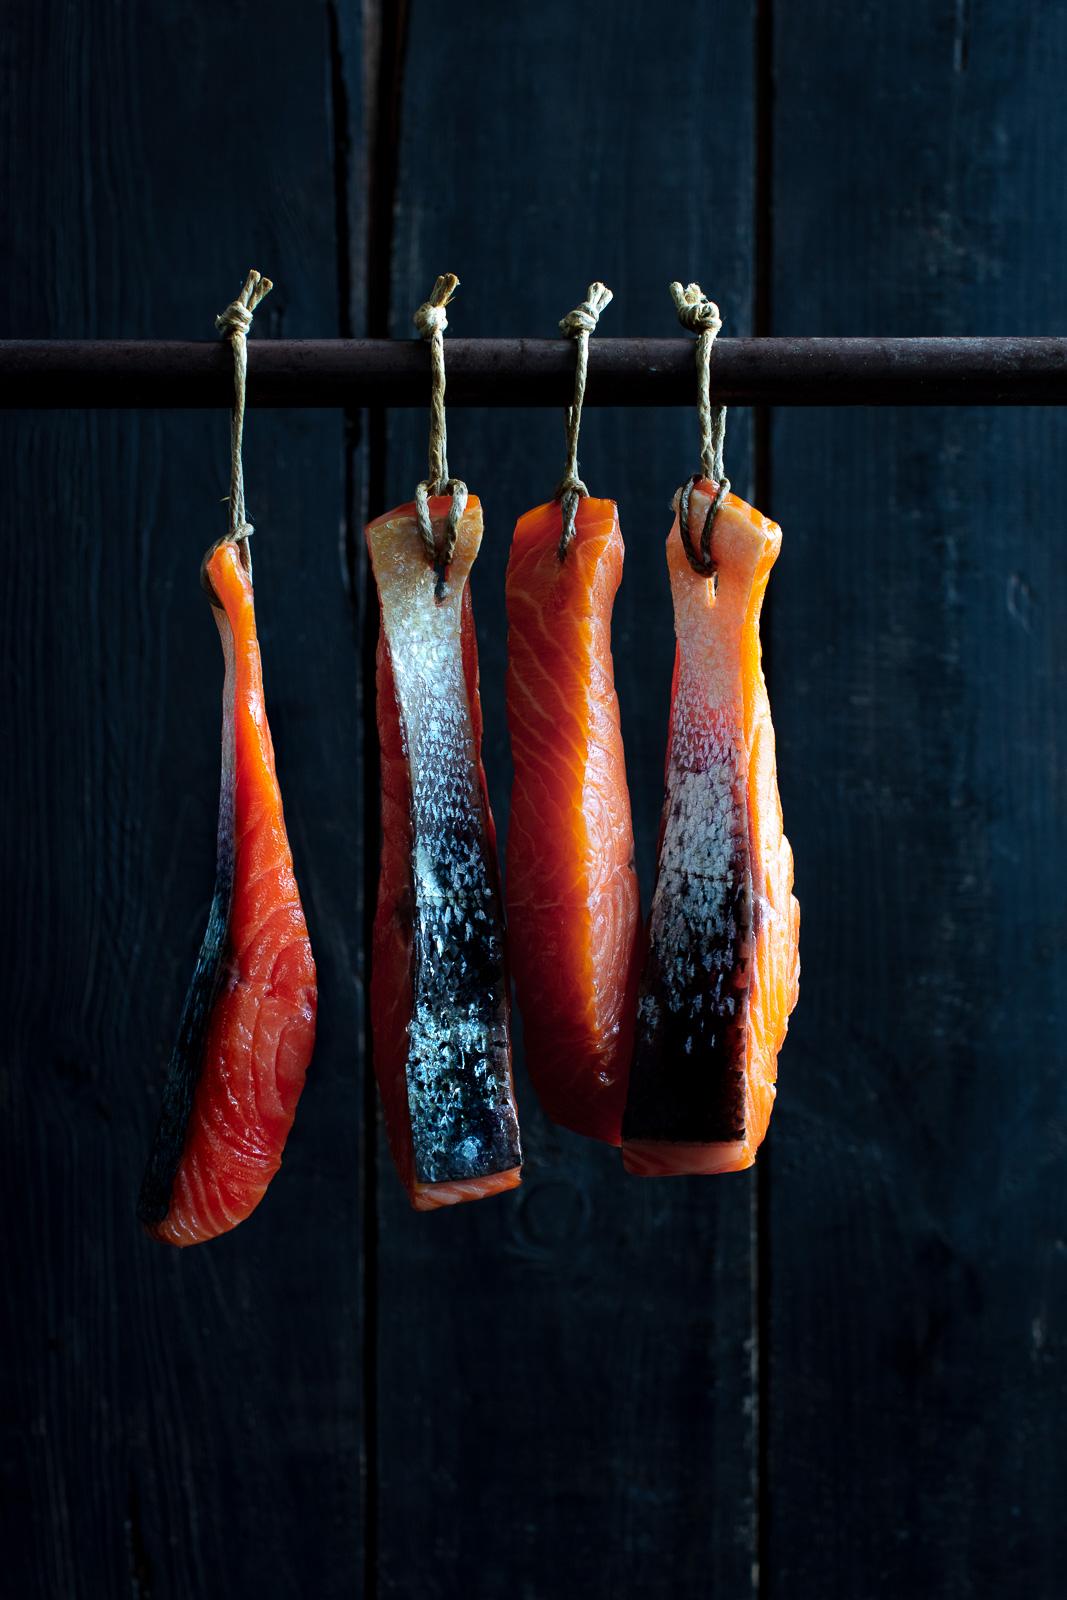 FHA-Pave de saumon fume ficelle-2A6A8217-2.jpg